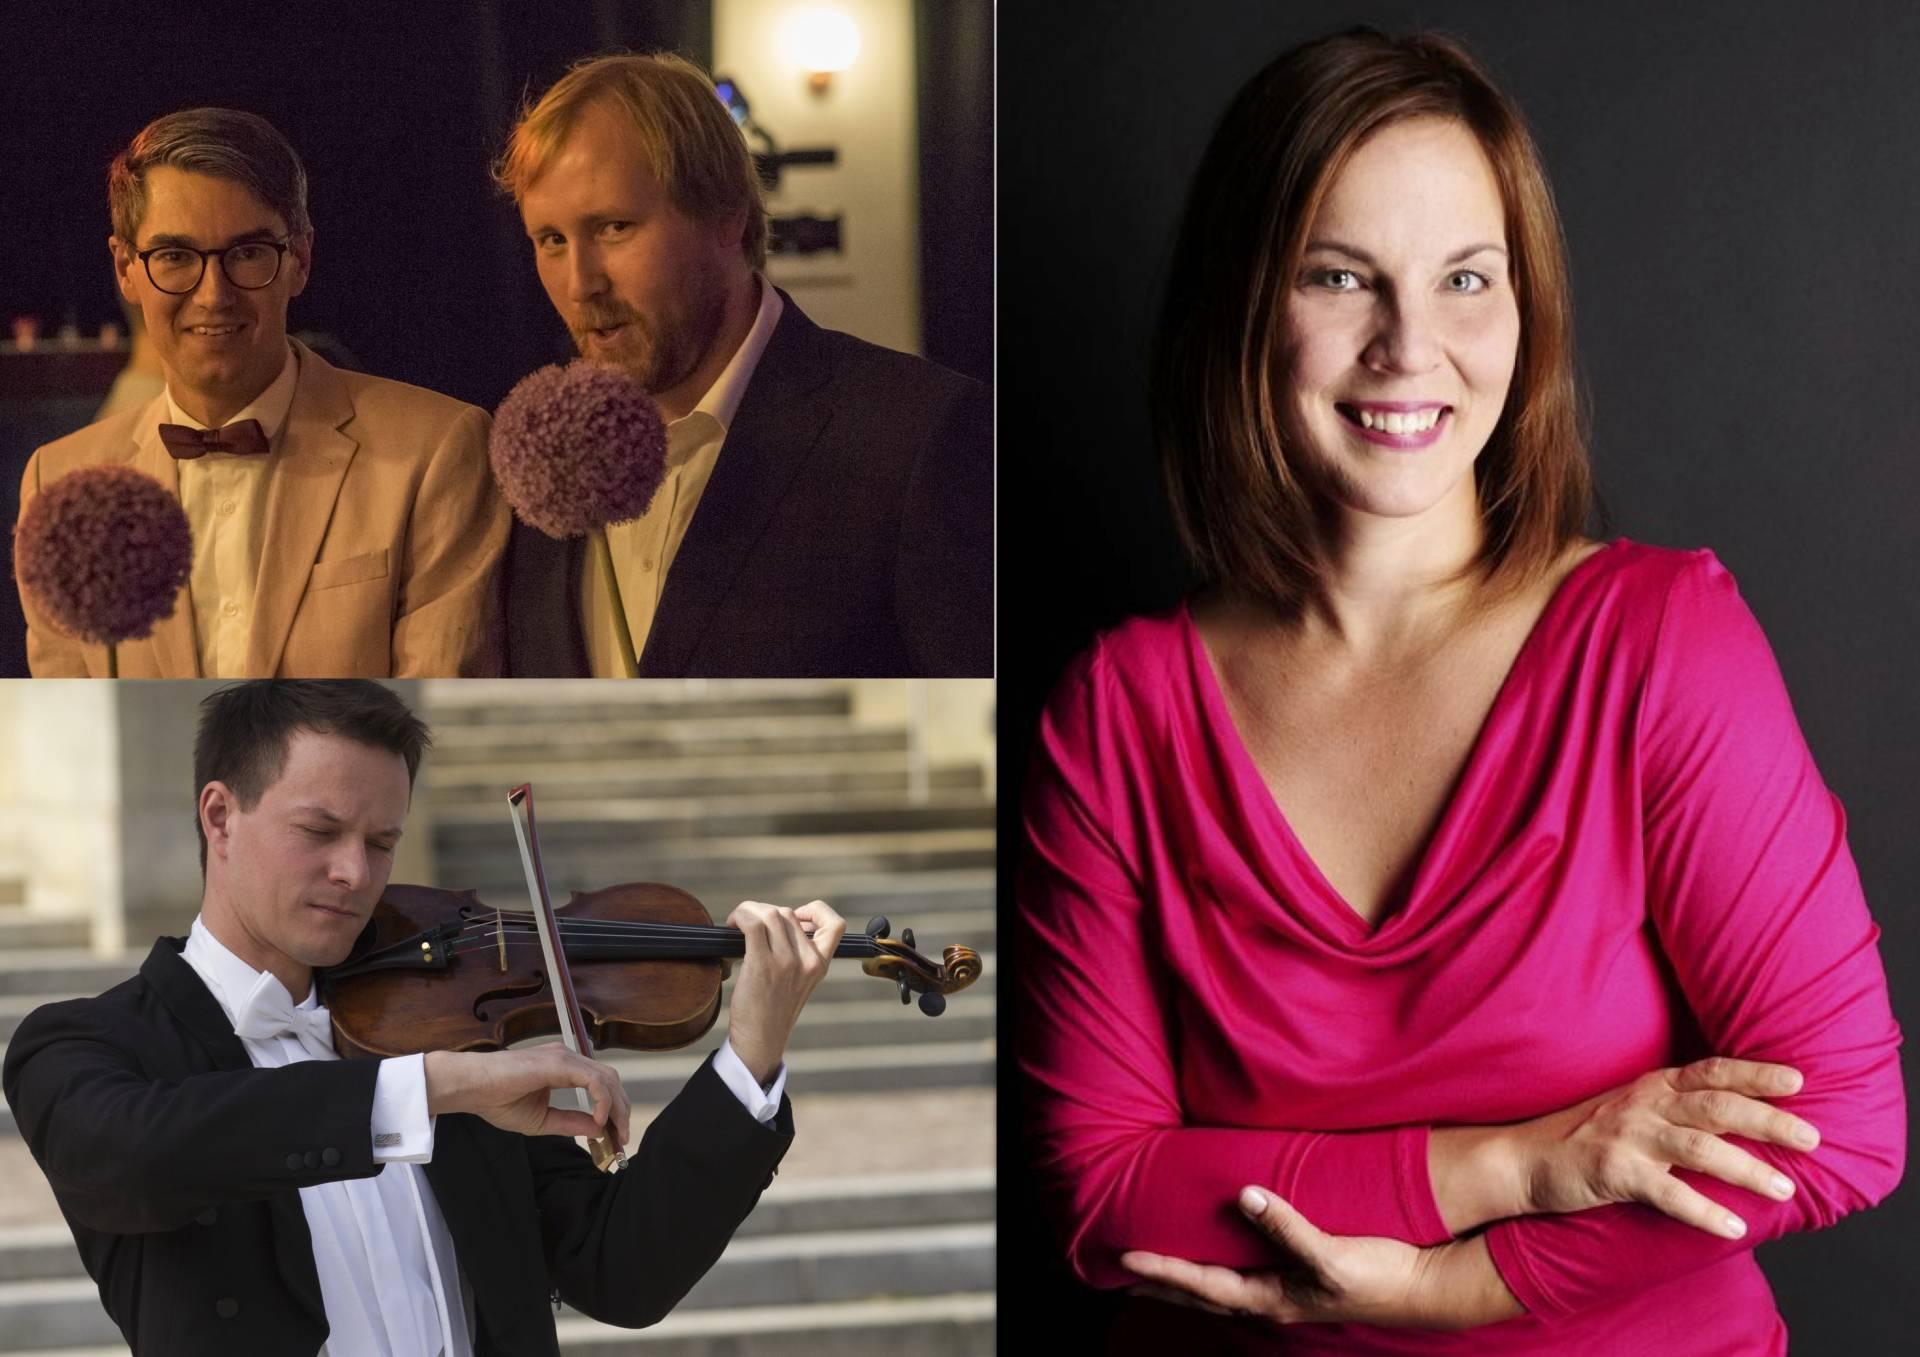 (Fotos: Enrico Meyer, Katrin Bemmann, Sarolta Boros)